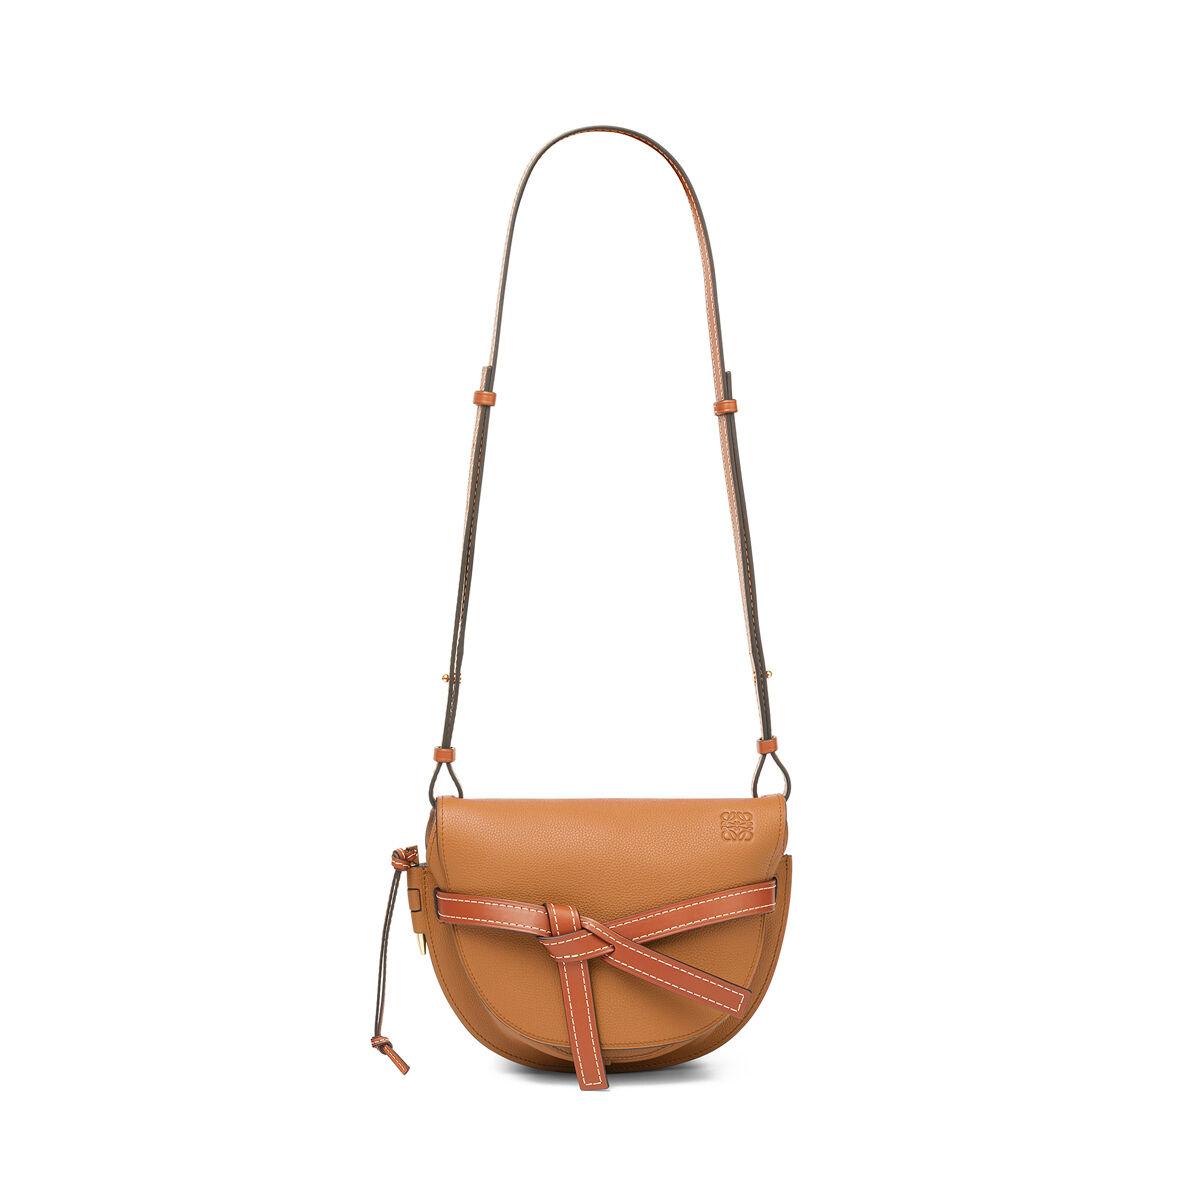 LOEWE Gate Small Bag Light Caramel/Pecan Color  all